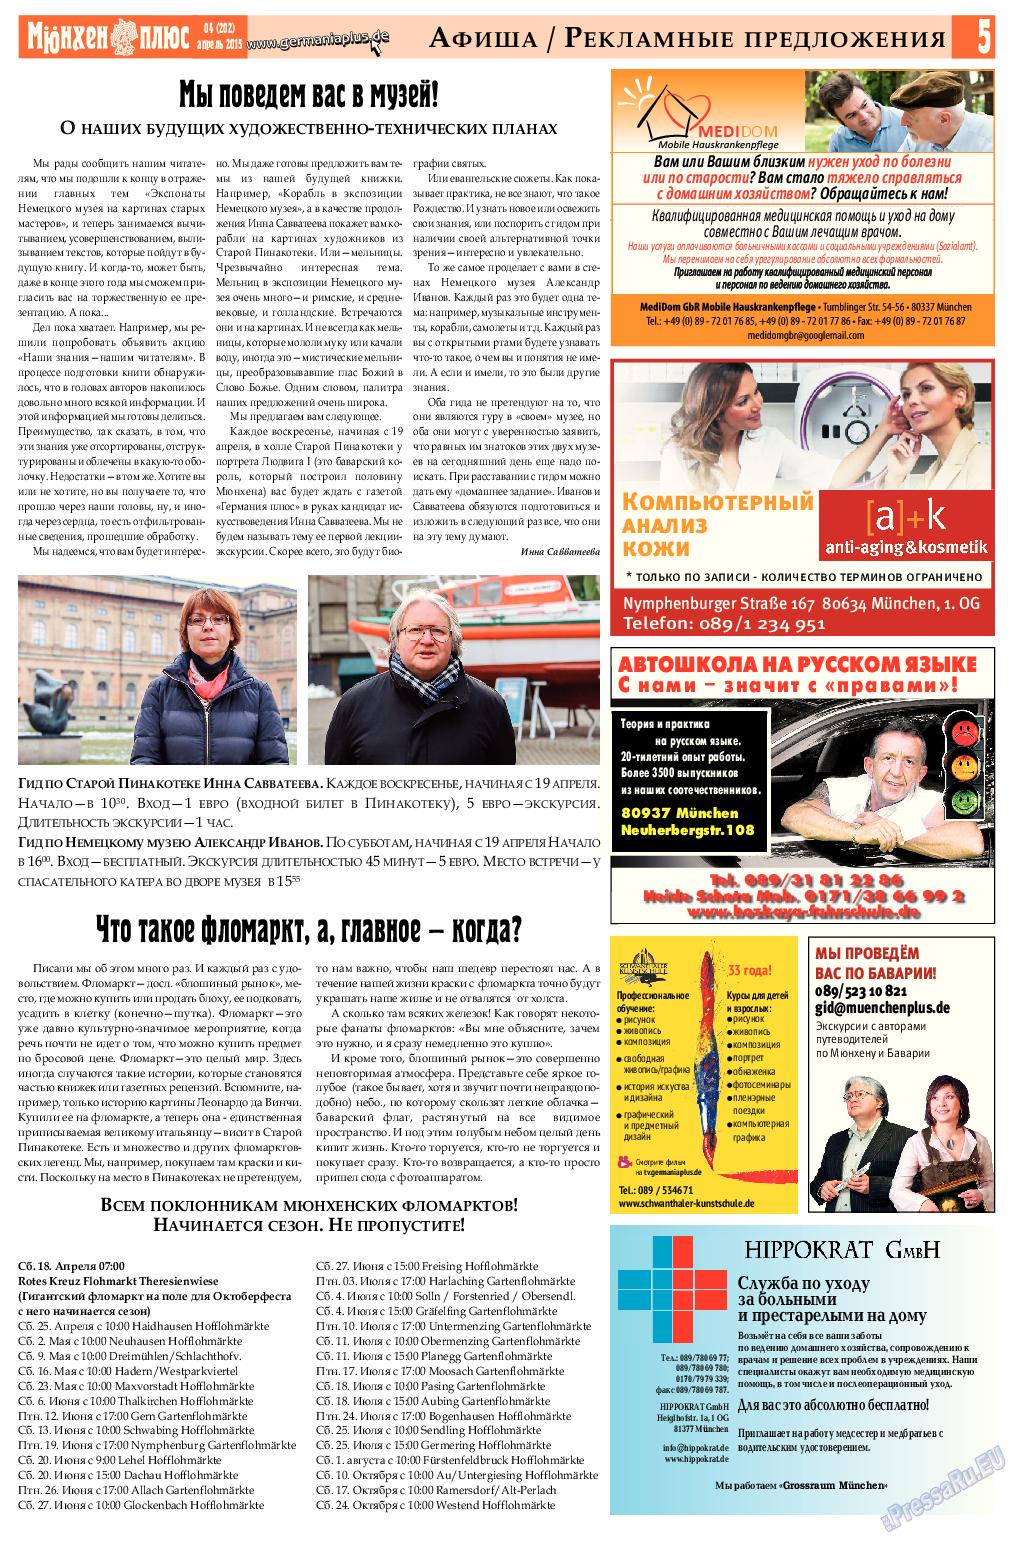 Германия плюс (газета). 2015 год, номер 4, стр. 5